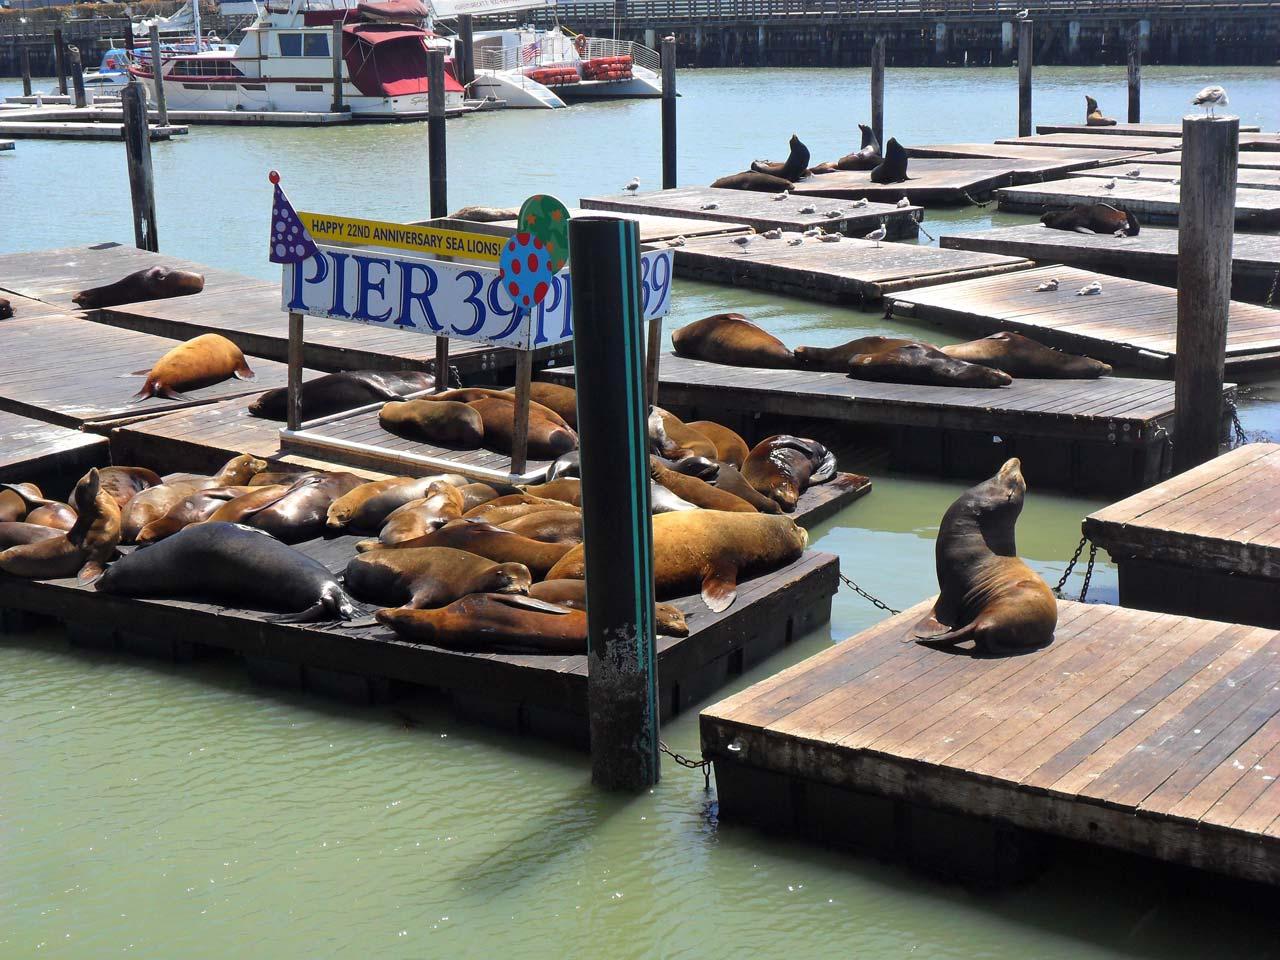 Ünlü Pier 39 ve sea lions